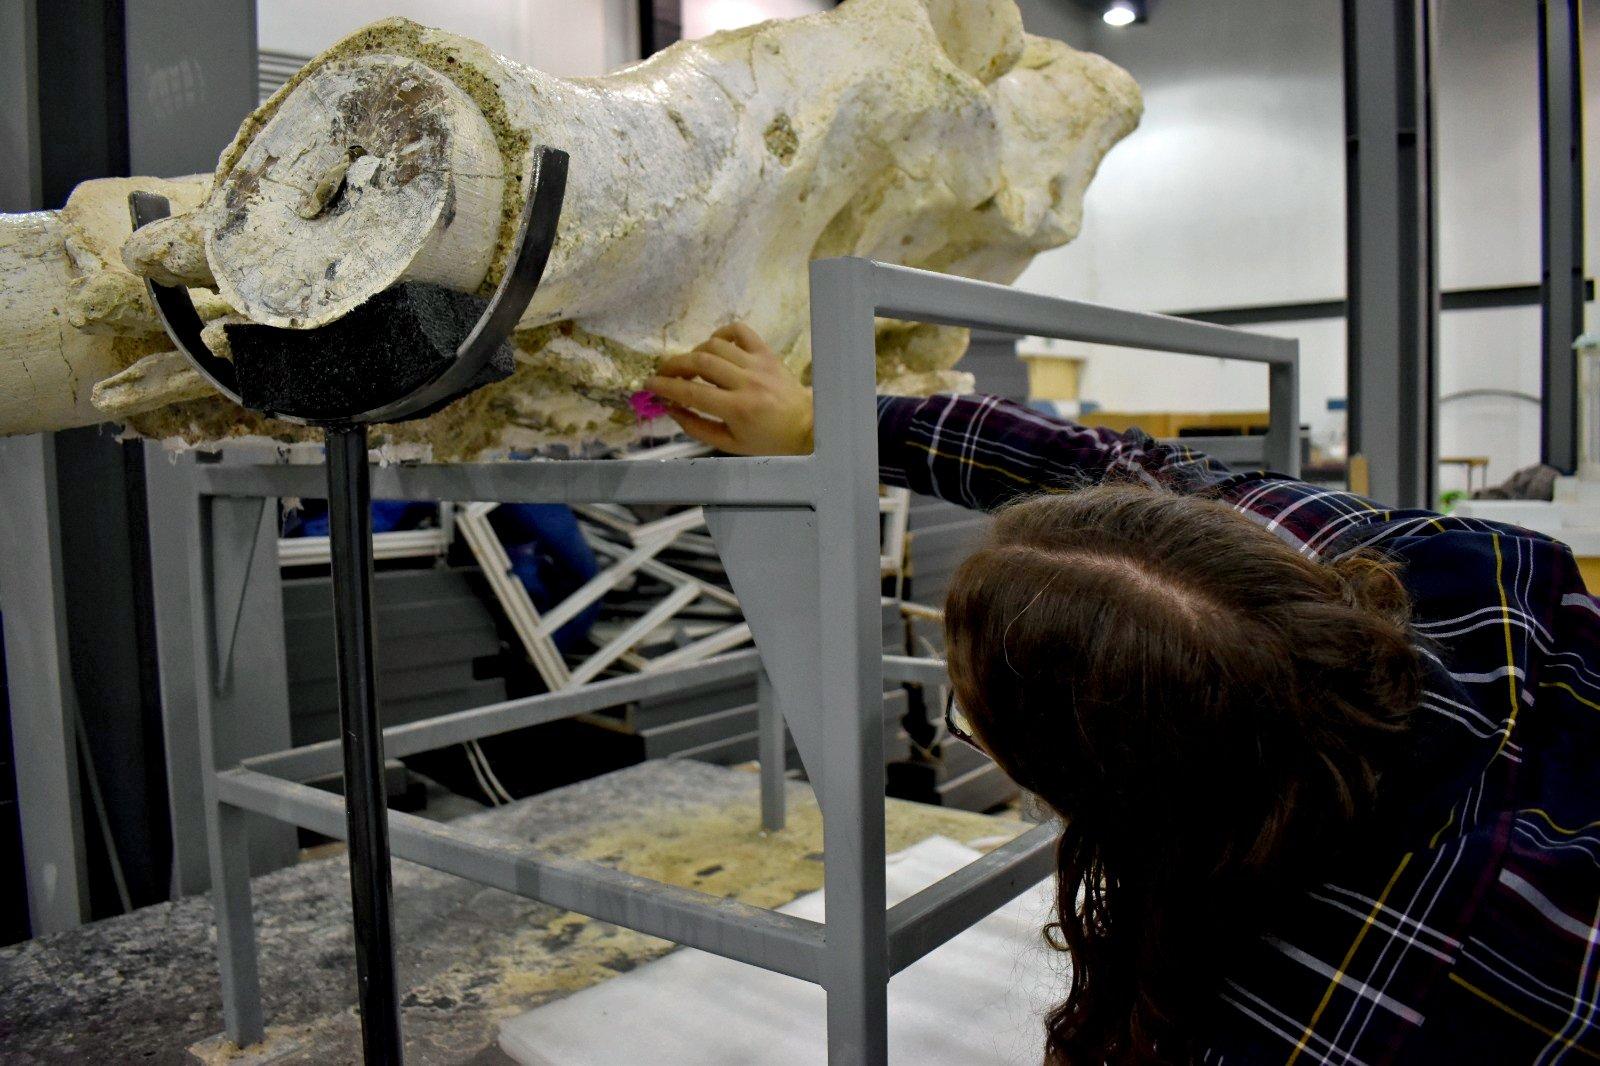 В Турции обнаружили череп слона возрастом 7,5 млн лет